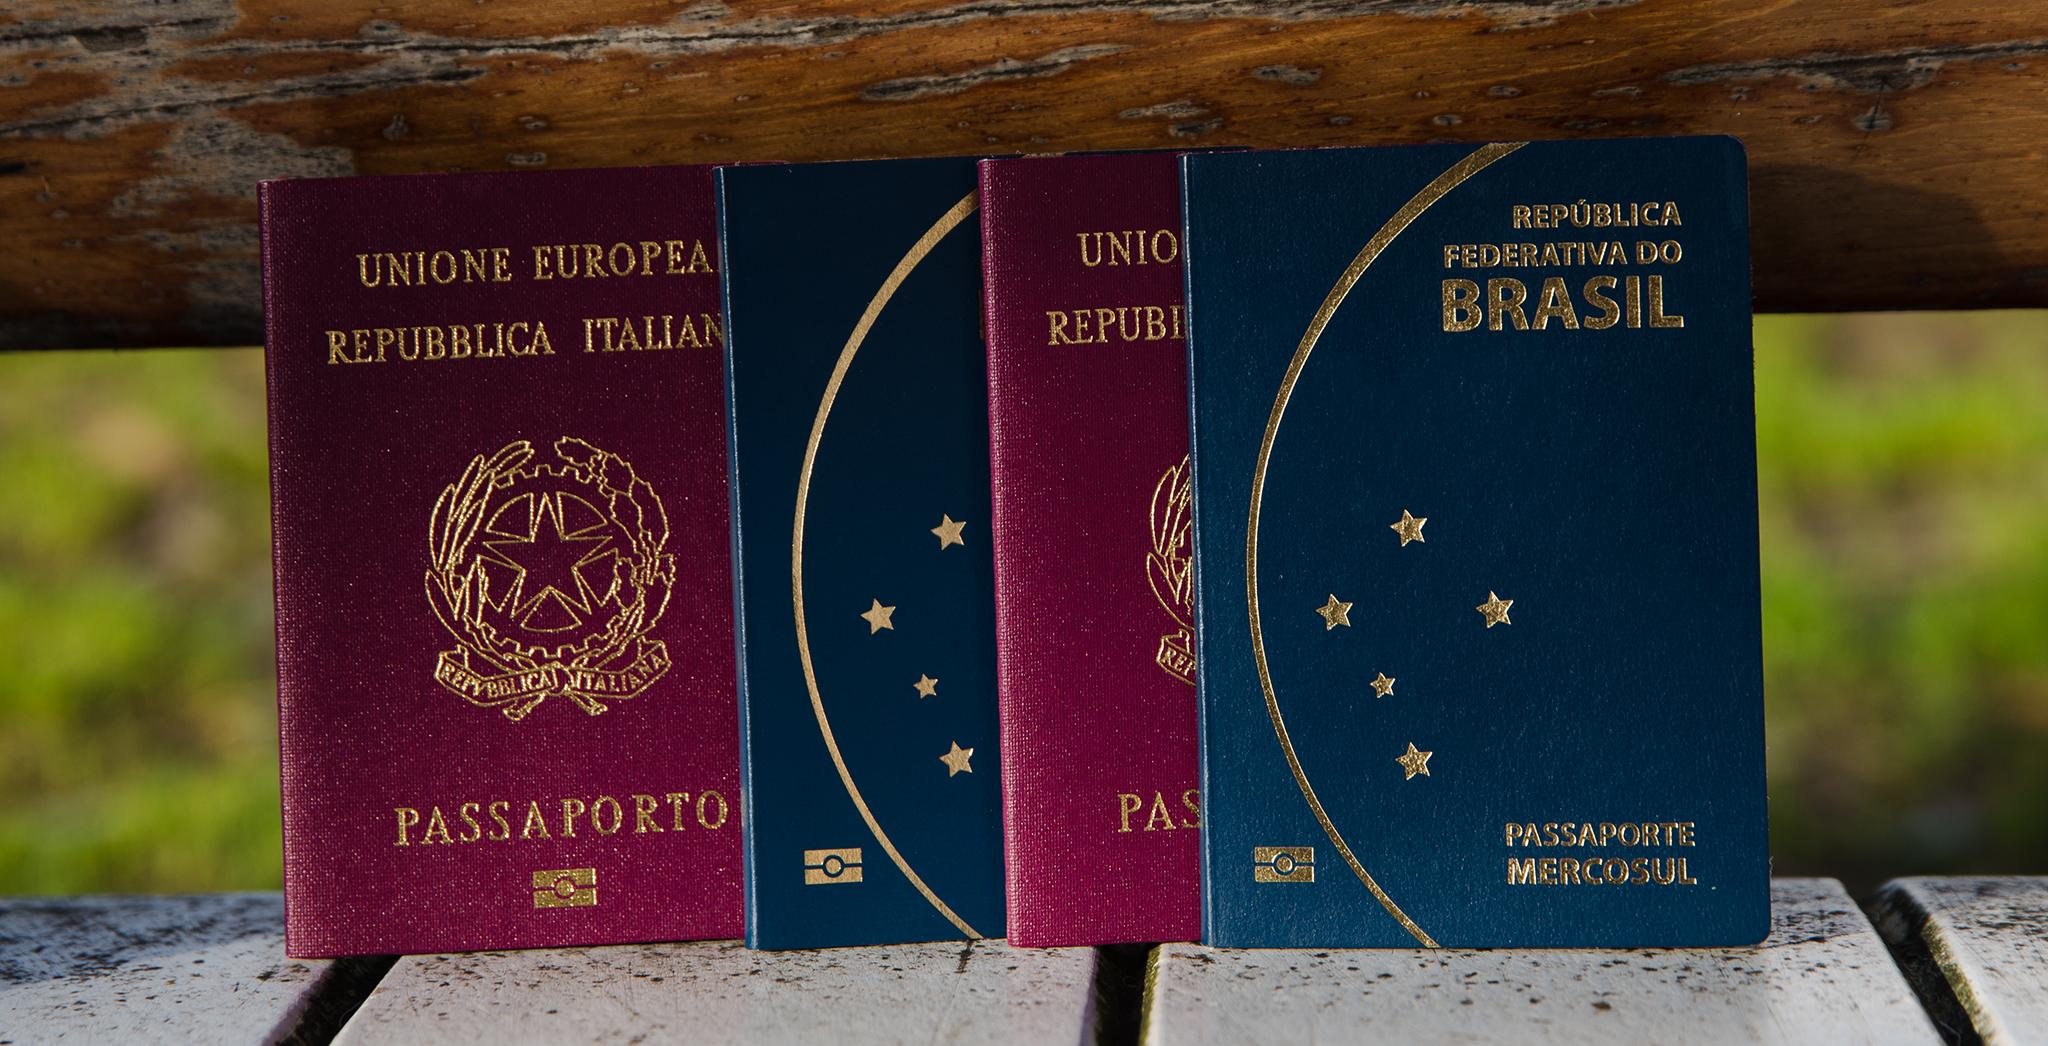 c9d823c76a Brasileiros com dupla cidadania em Portugal - procedimentos e ...